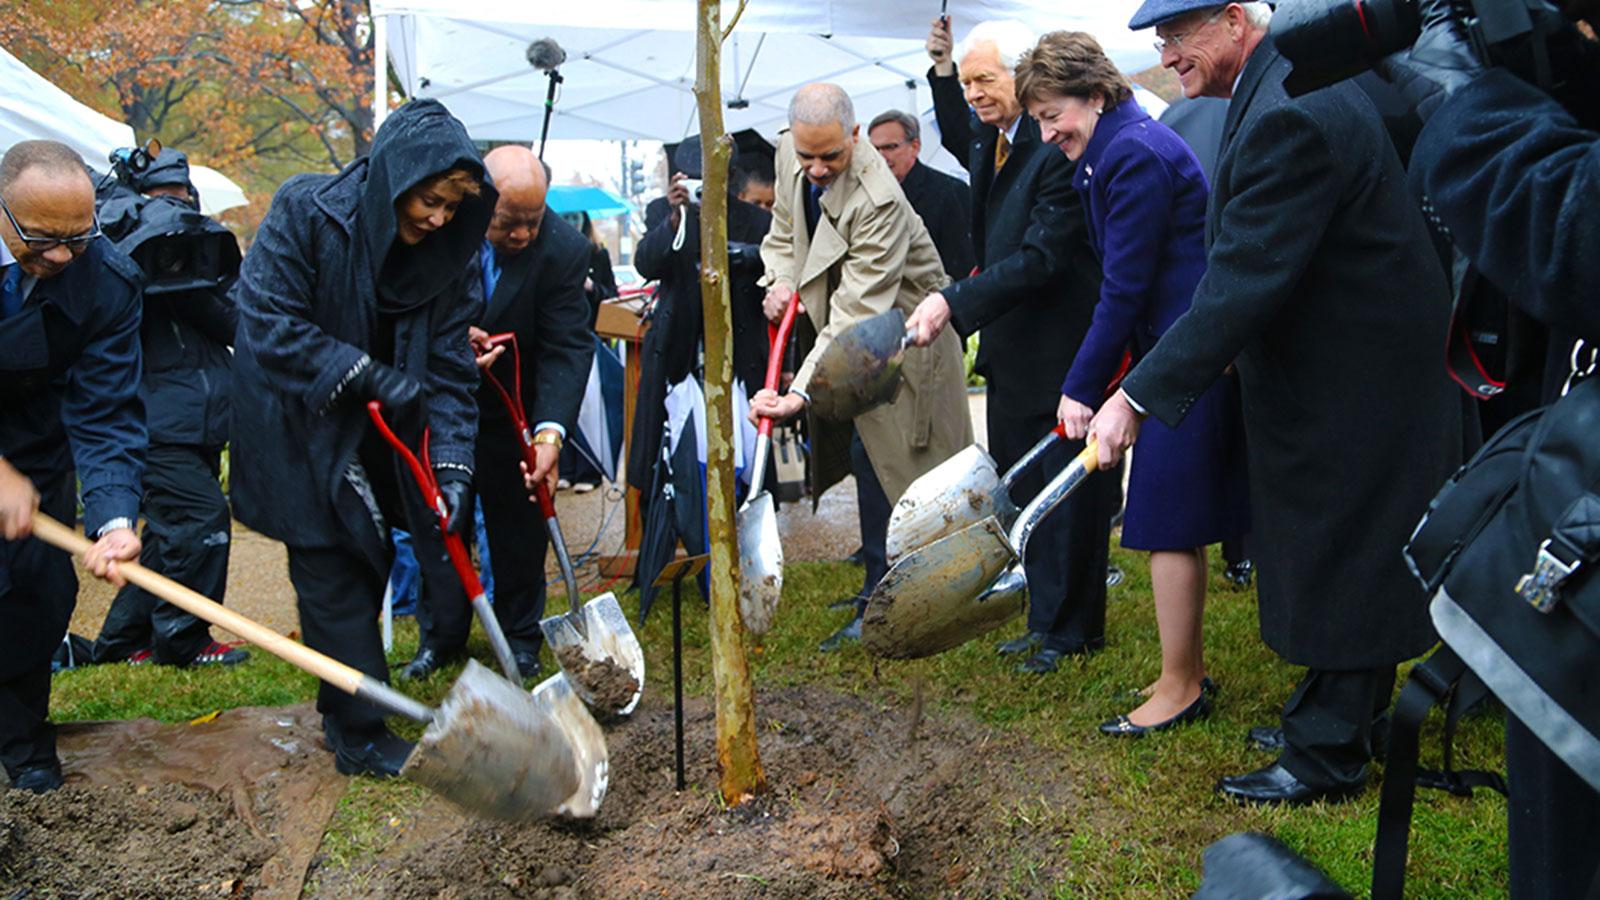 Emmett Till tree planting ceremony